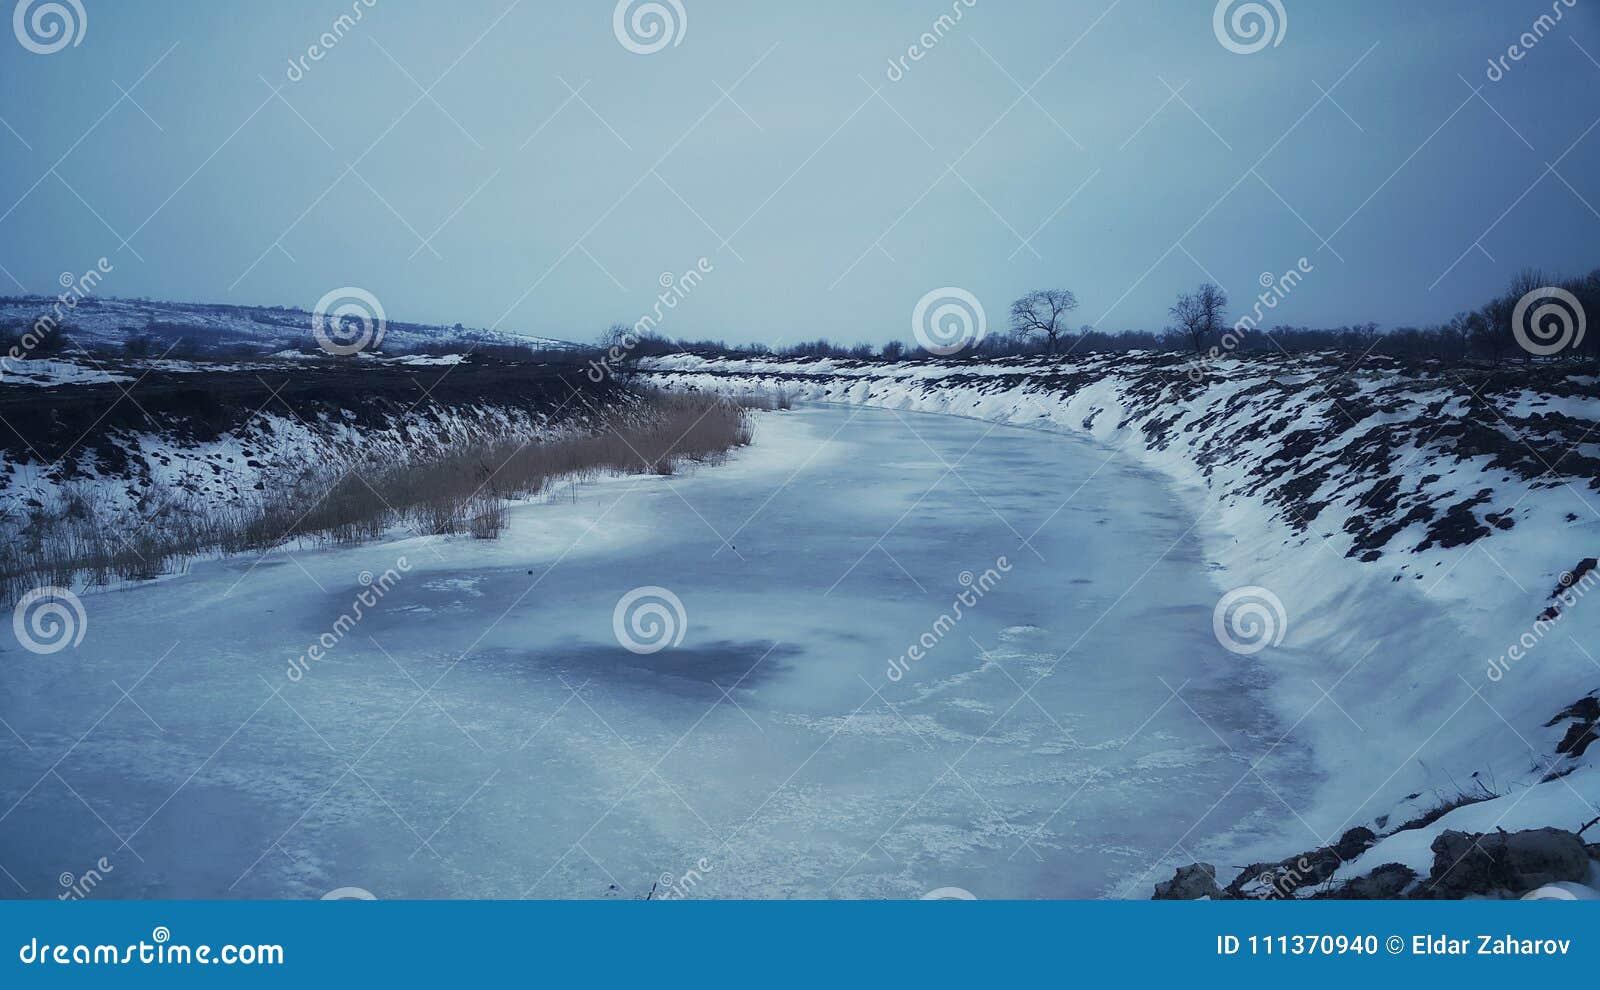 Zulk een strenge vorst die de rivier aan de zeer bodem bevroor Maart-de vorst is zeer sterk